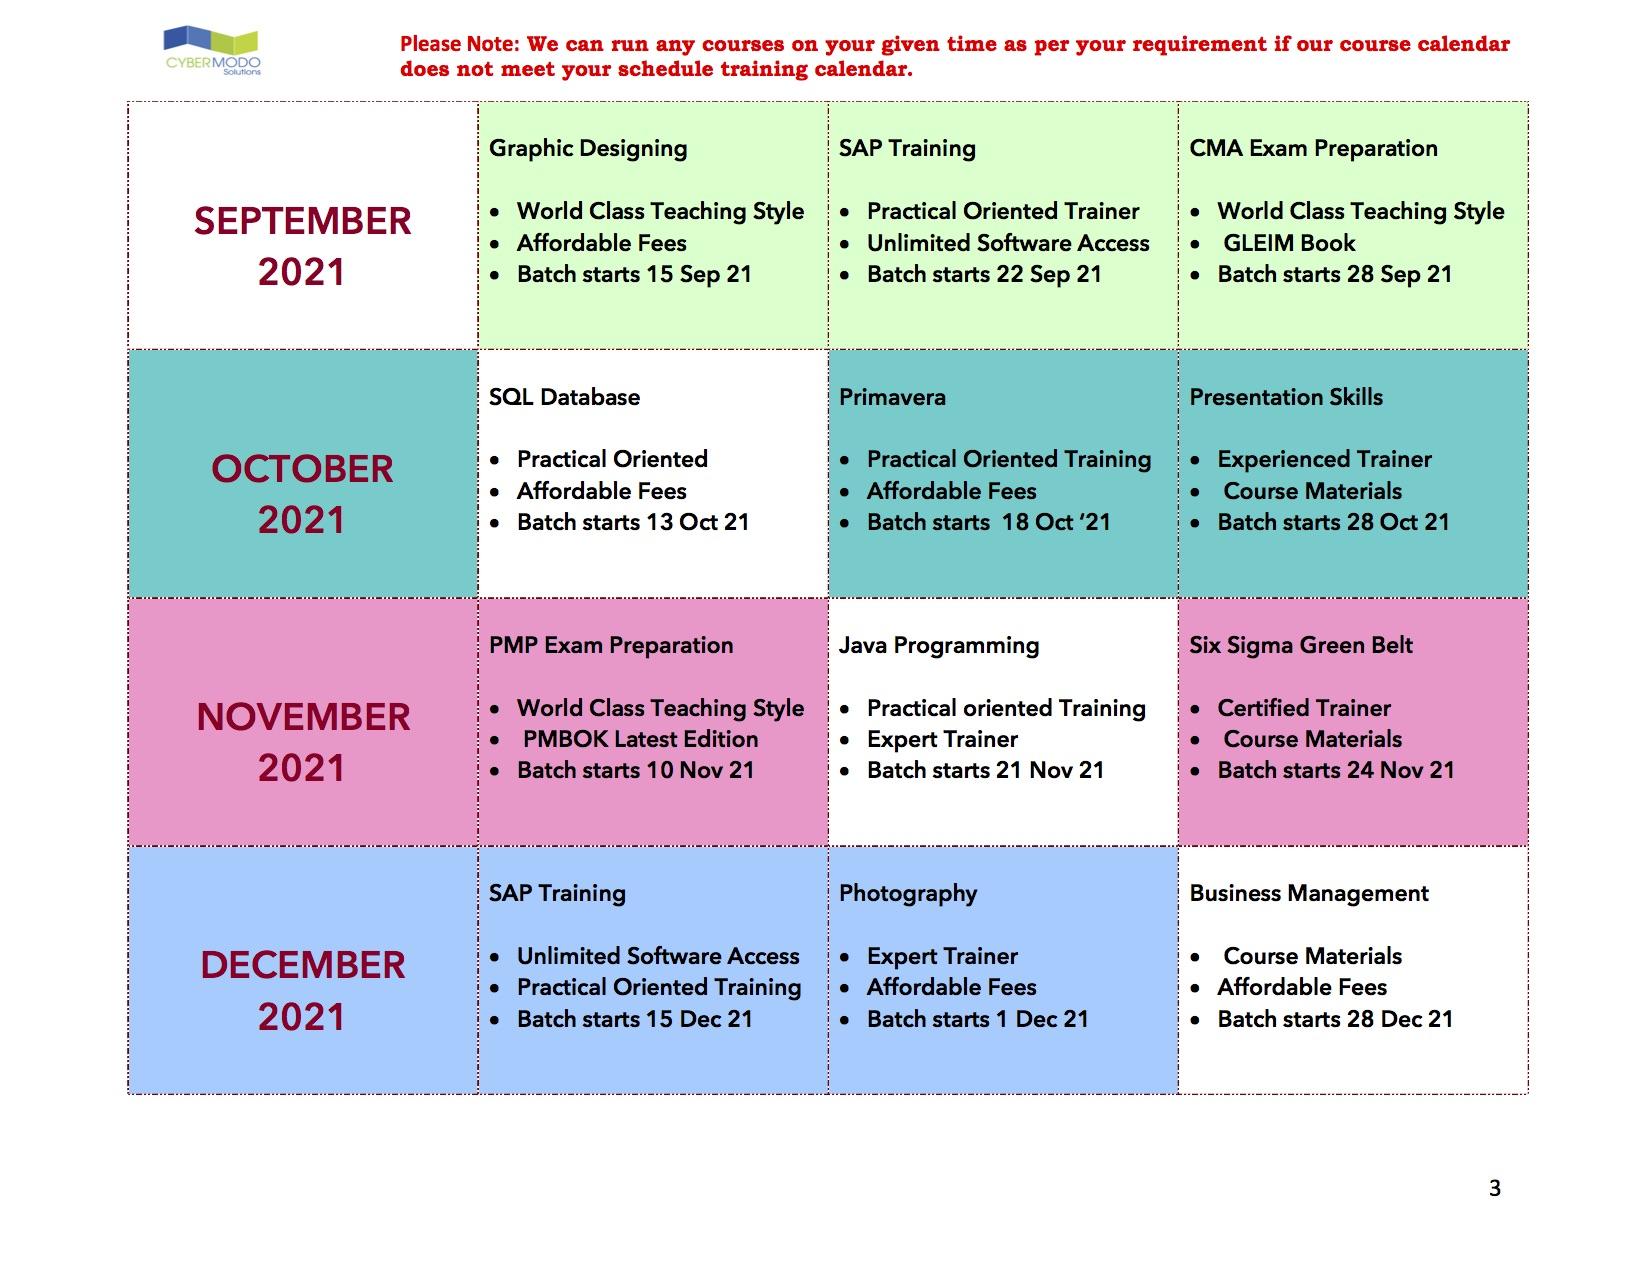 training calendar Sept - Dec 2021